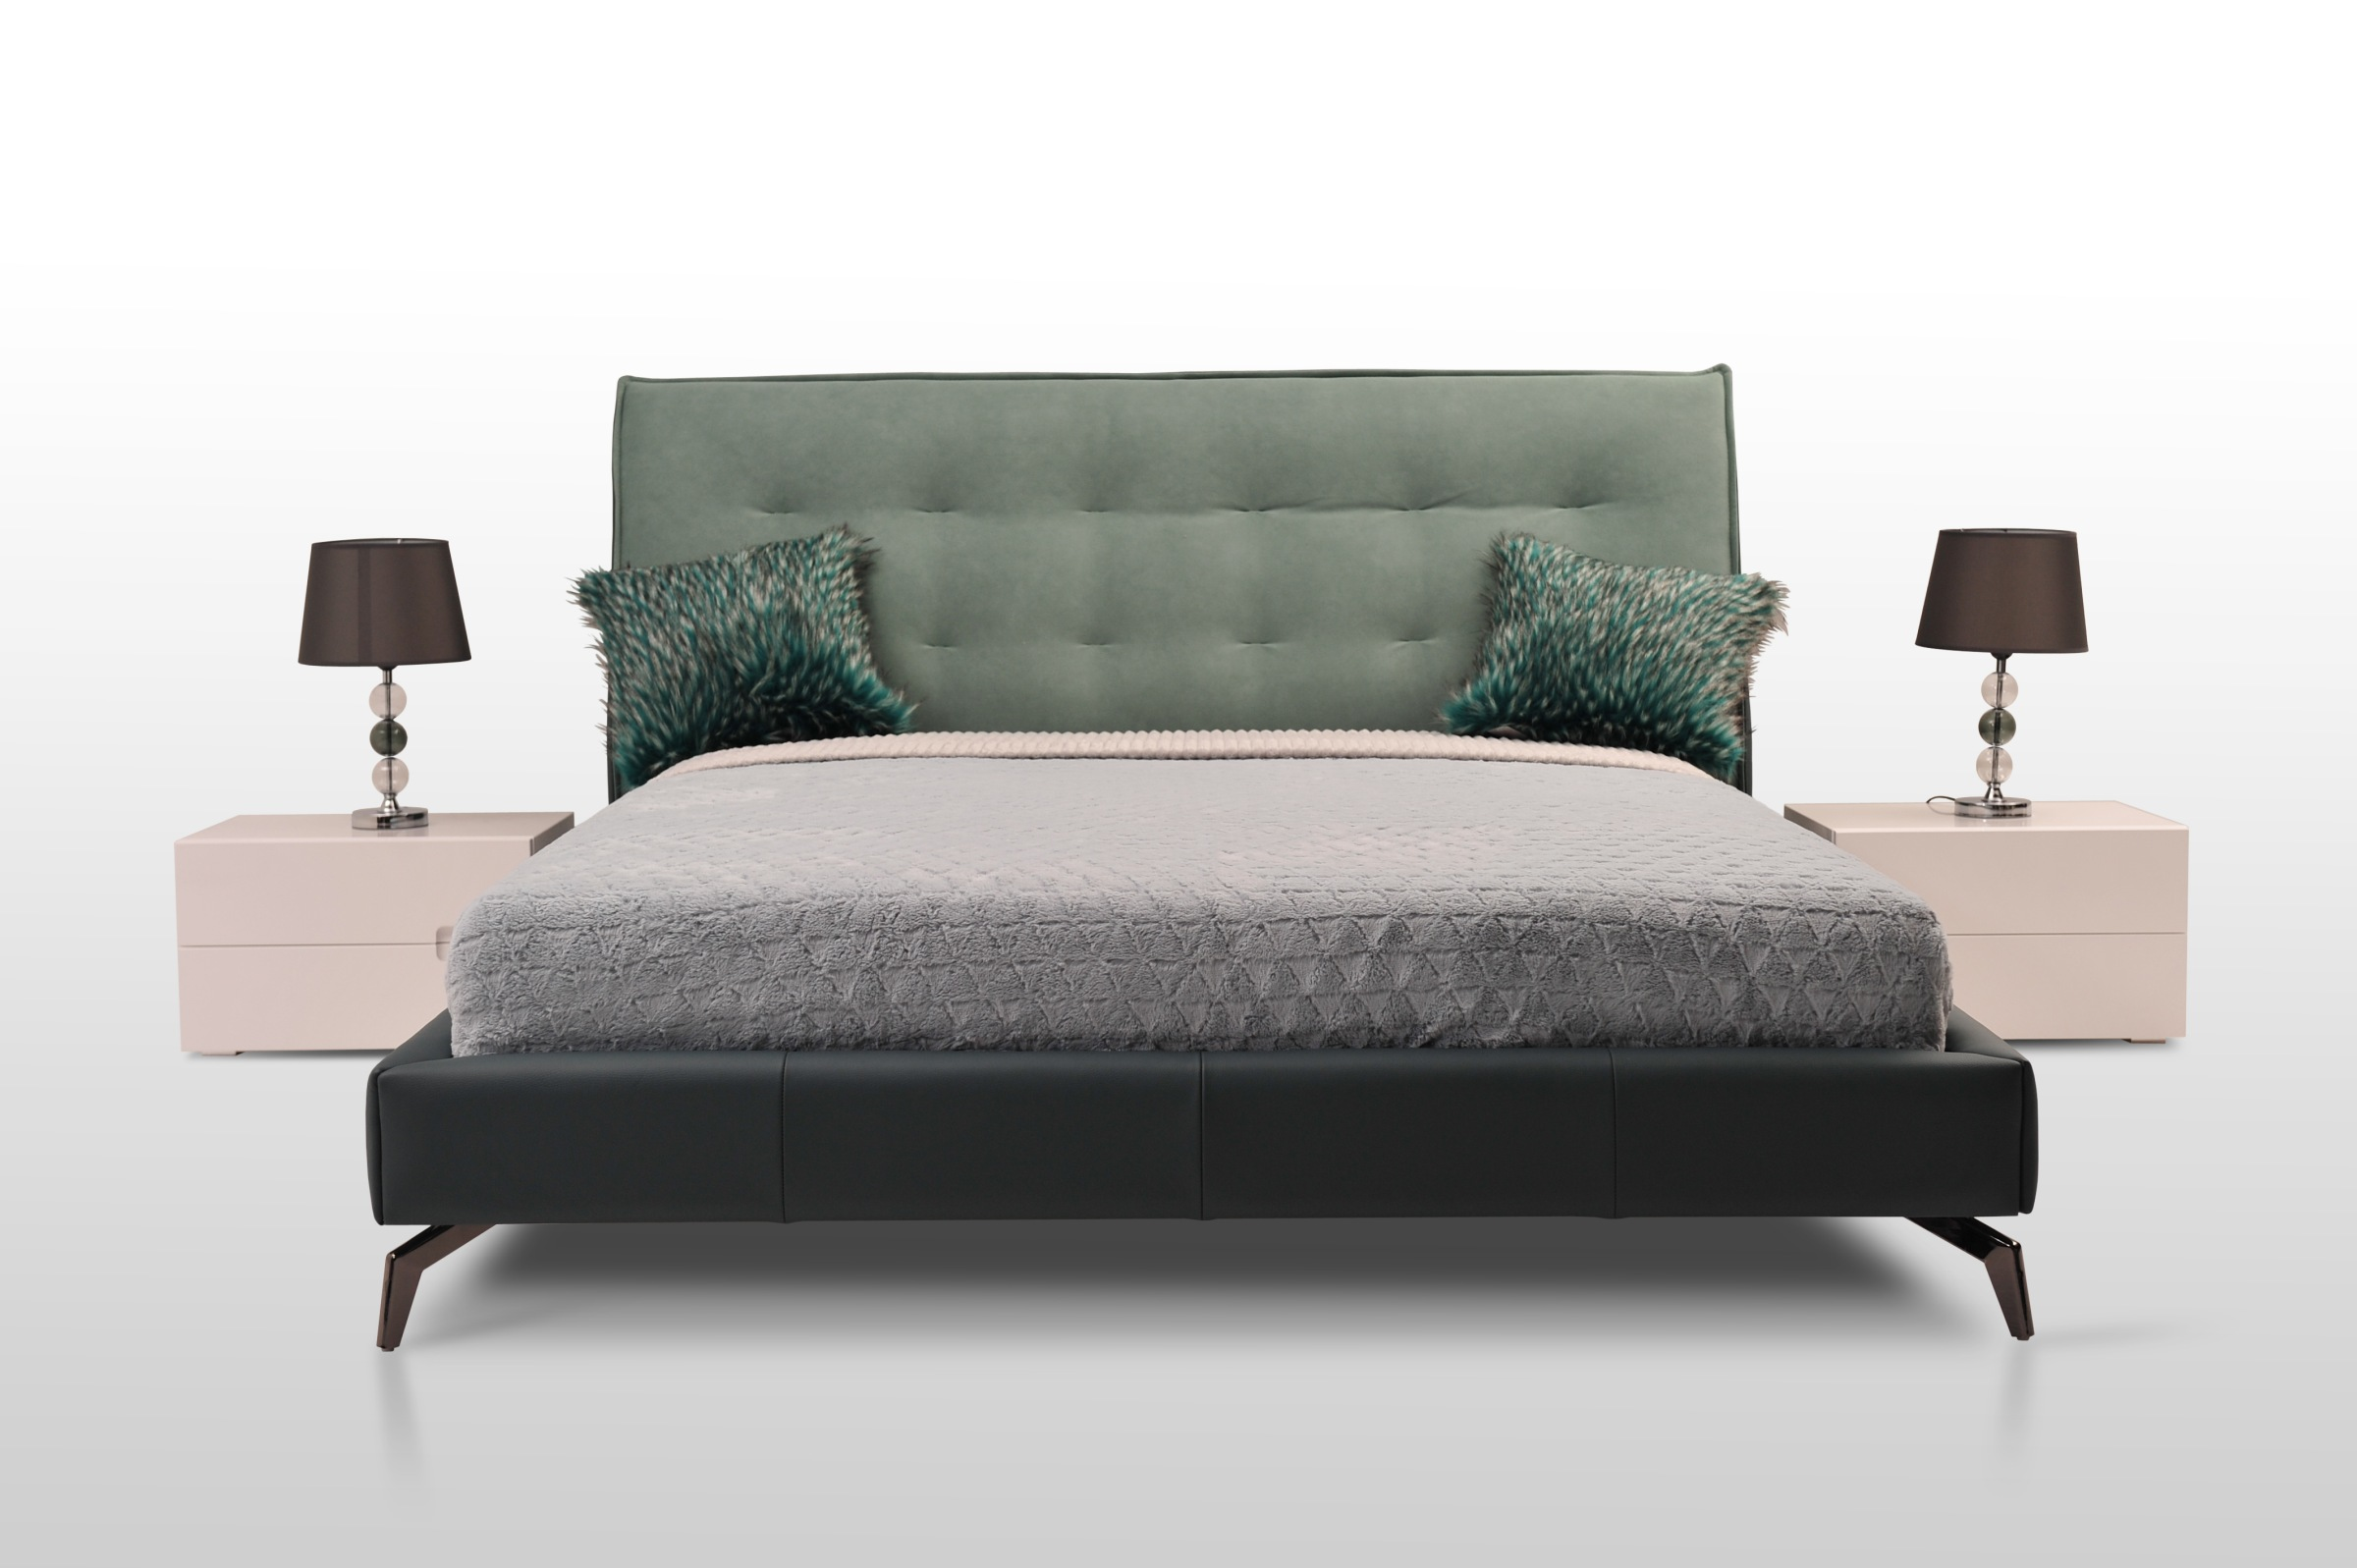 Nicole II nowoczesne łóżko na wysokich nóżkach materiał i skóra